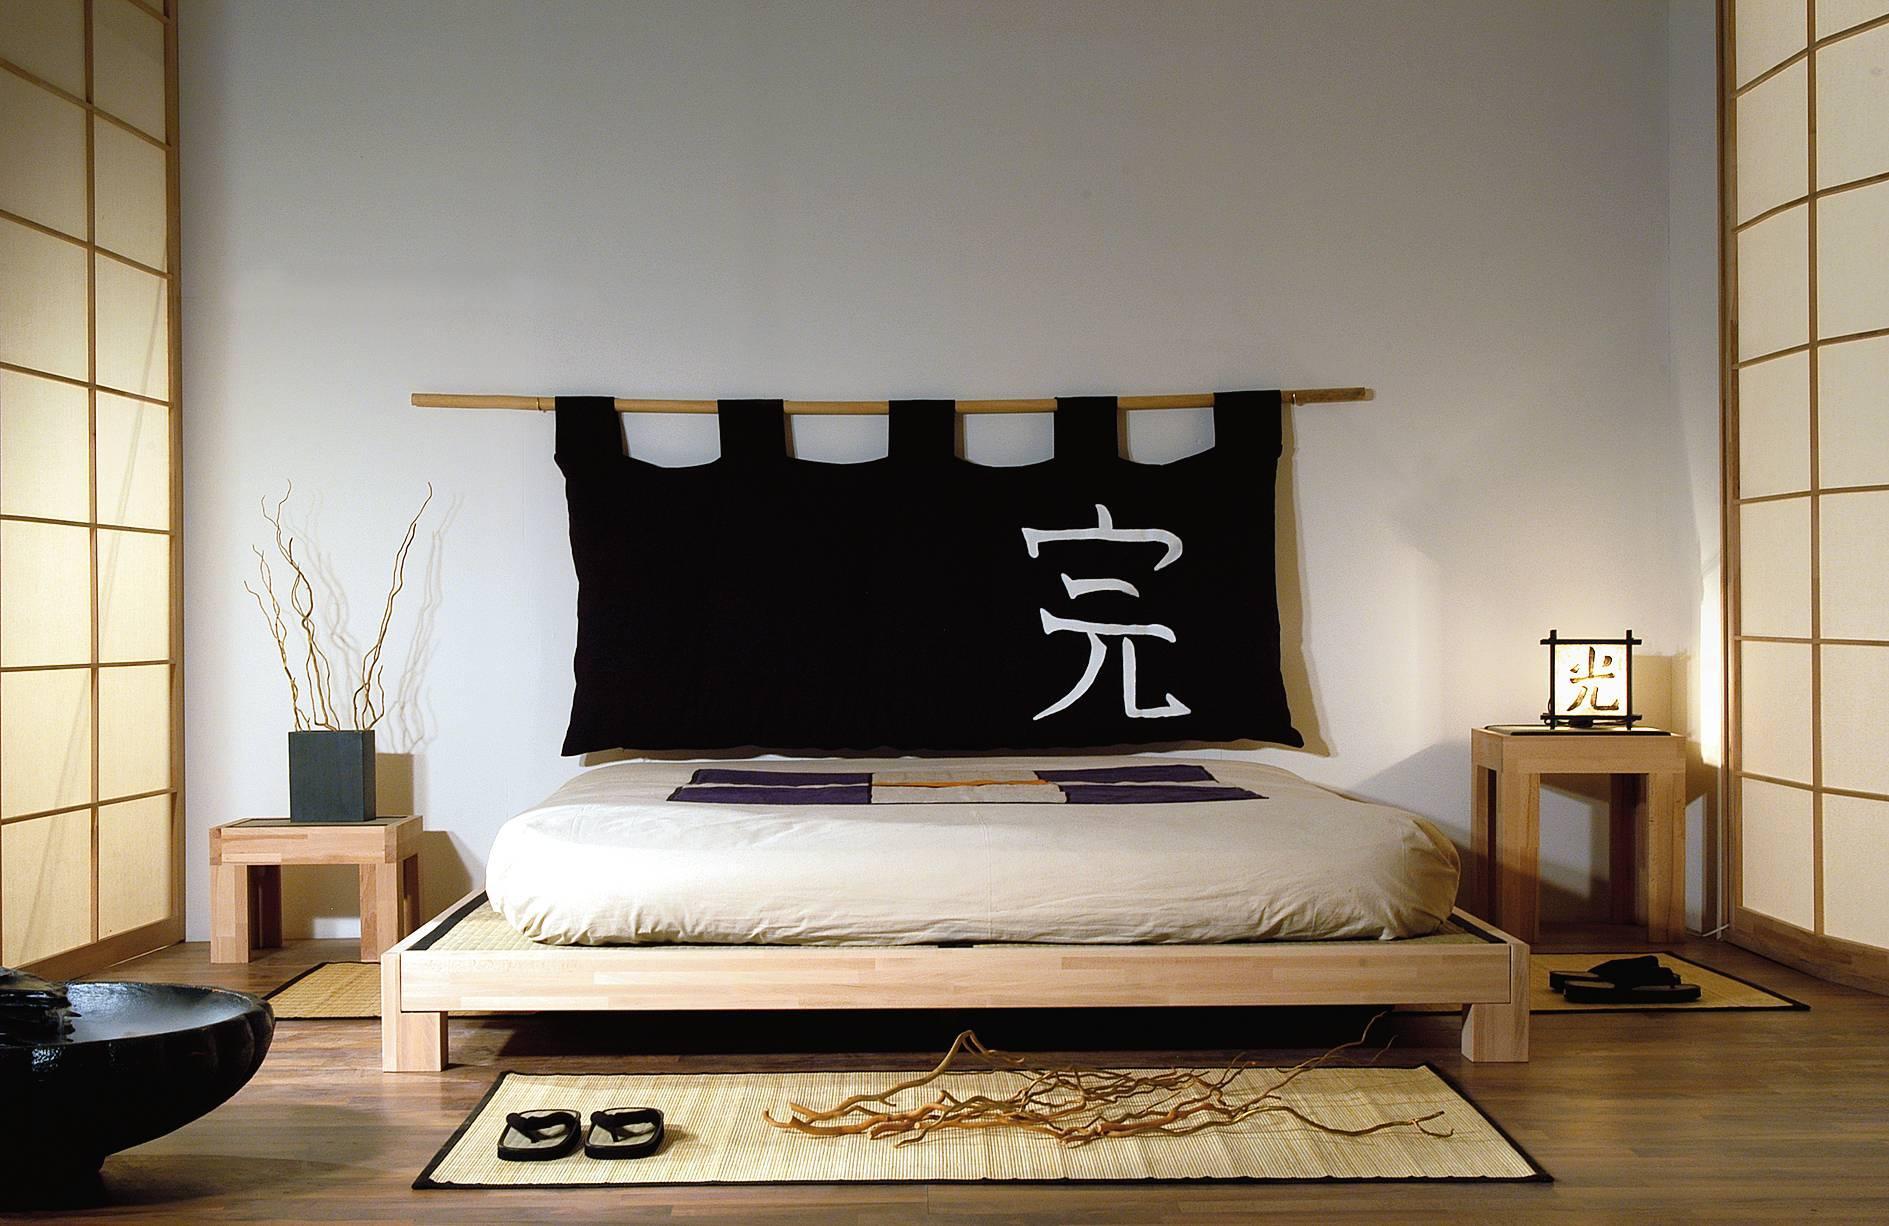 Testata Letto Con Porta Vecchia la parete dietro il letto: come trasformarla - cose di casa